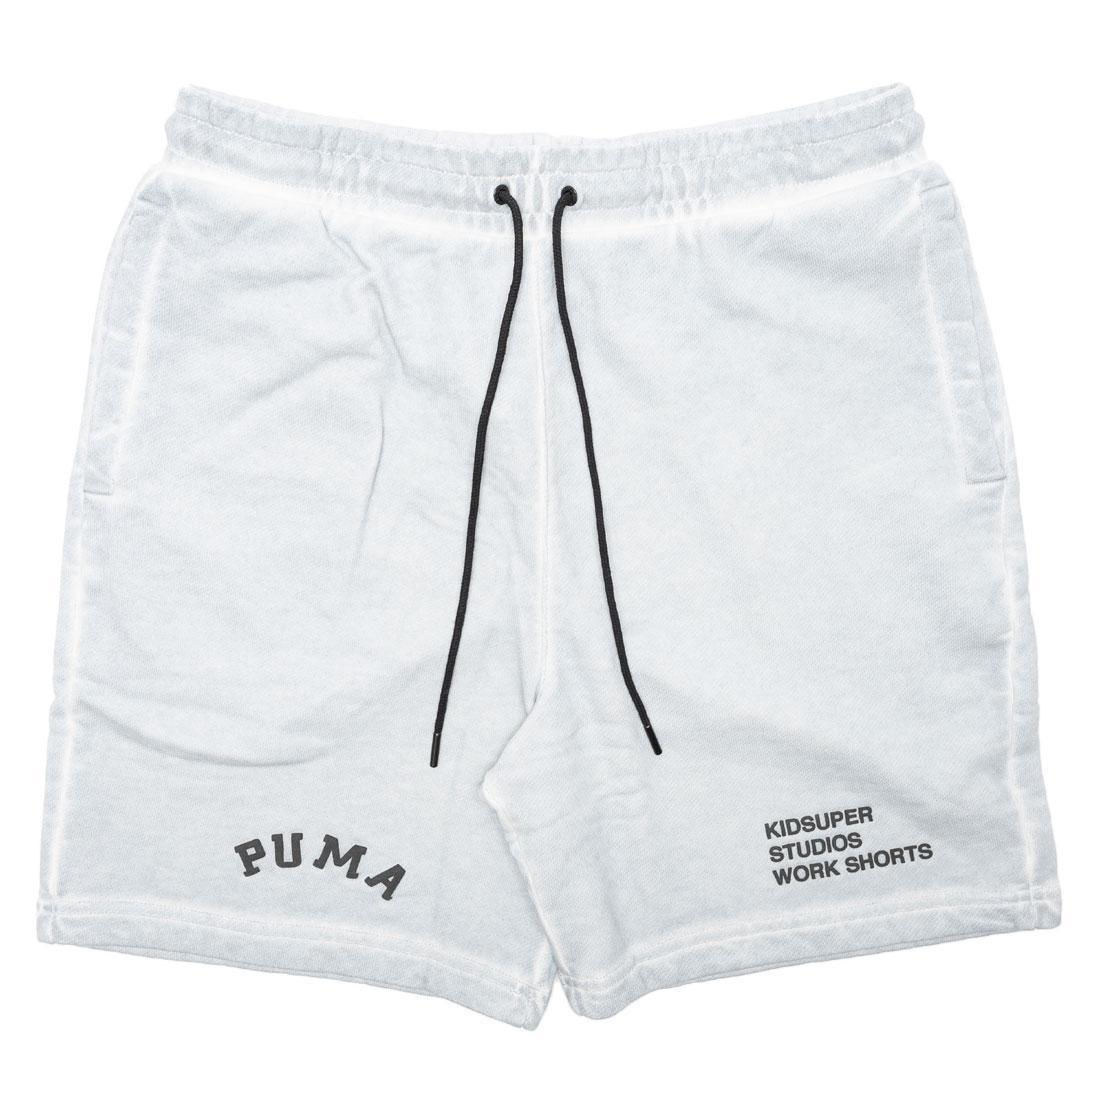 Puma x KidSuper Studios Men Treatment Shorts (gray / gray violet)